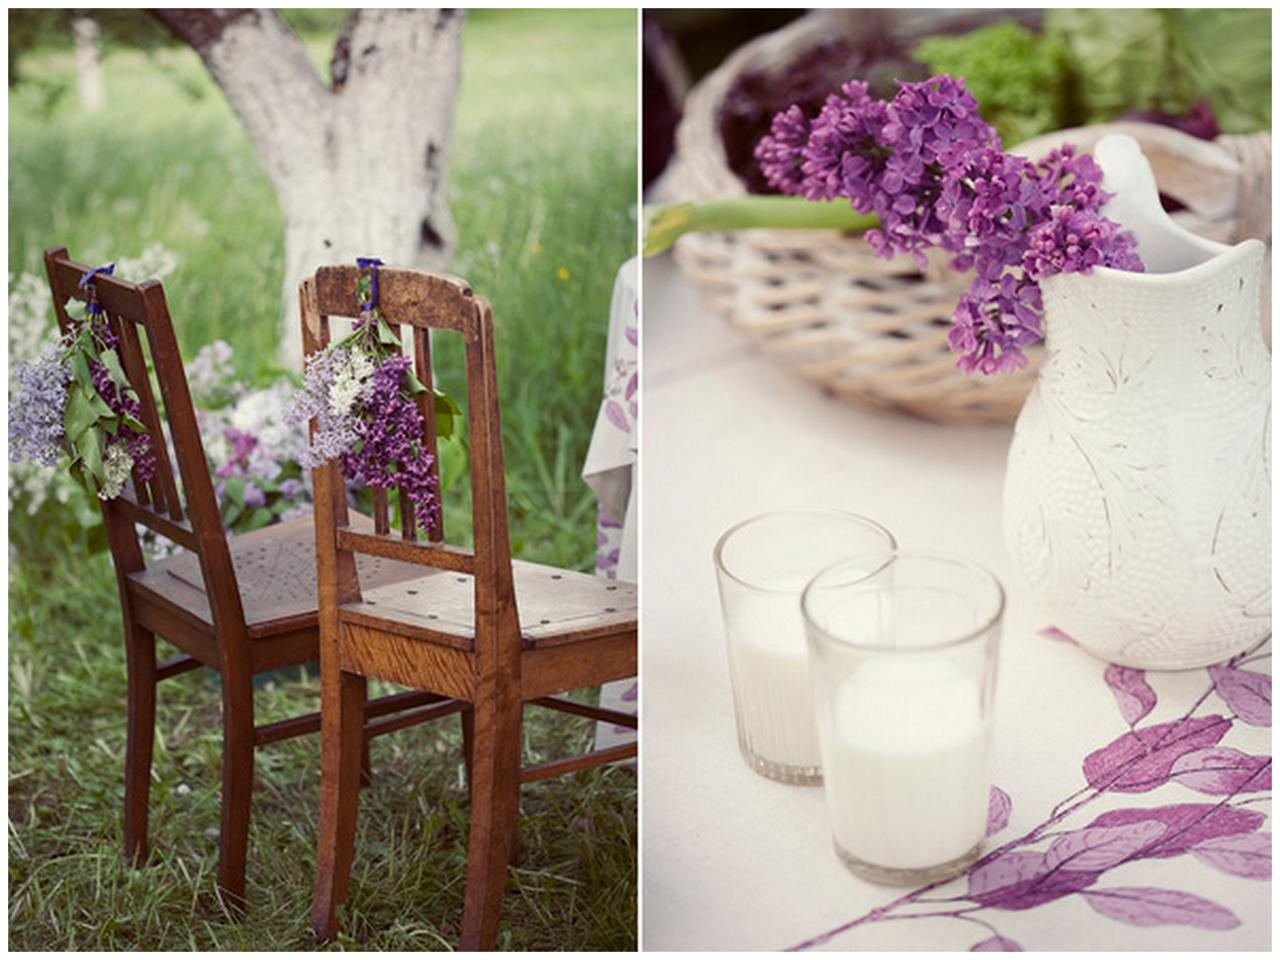 Wedding Chair Covers Lilac Desk Lumbar Support Pillow Mi Sposo Che Emozione Forum Matrimonio